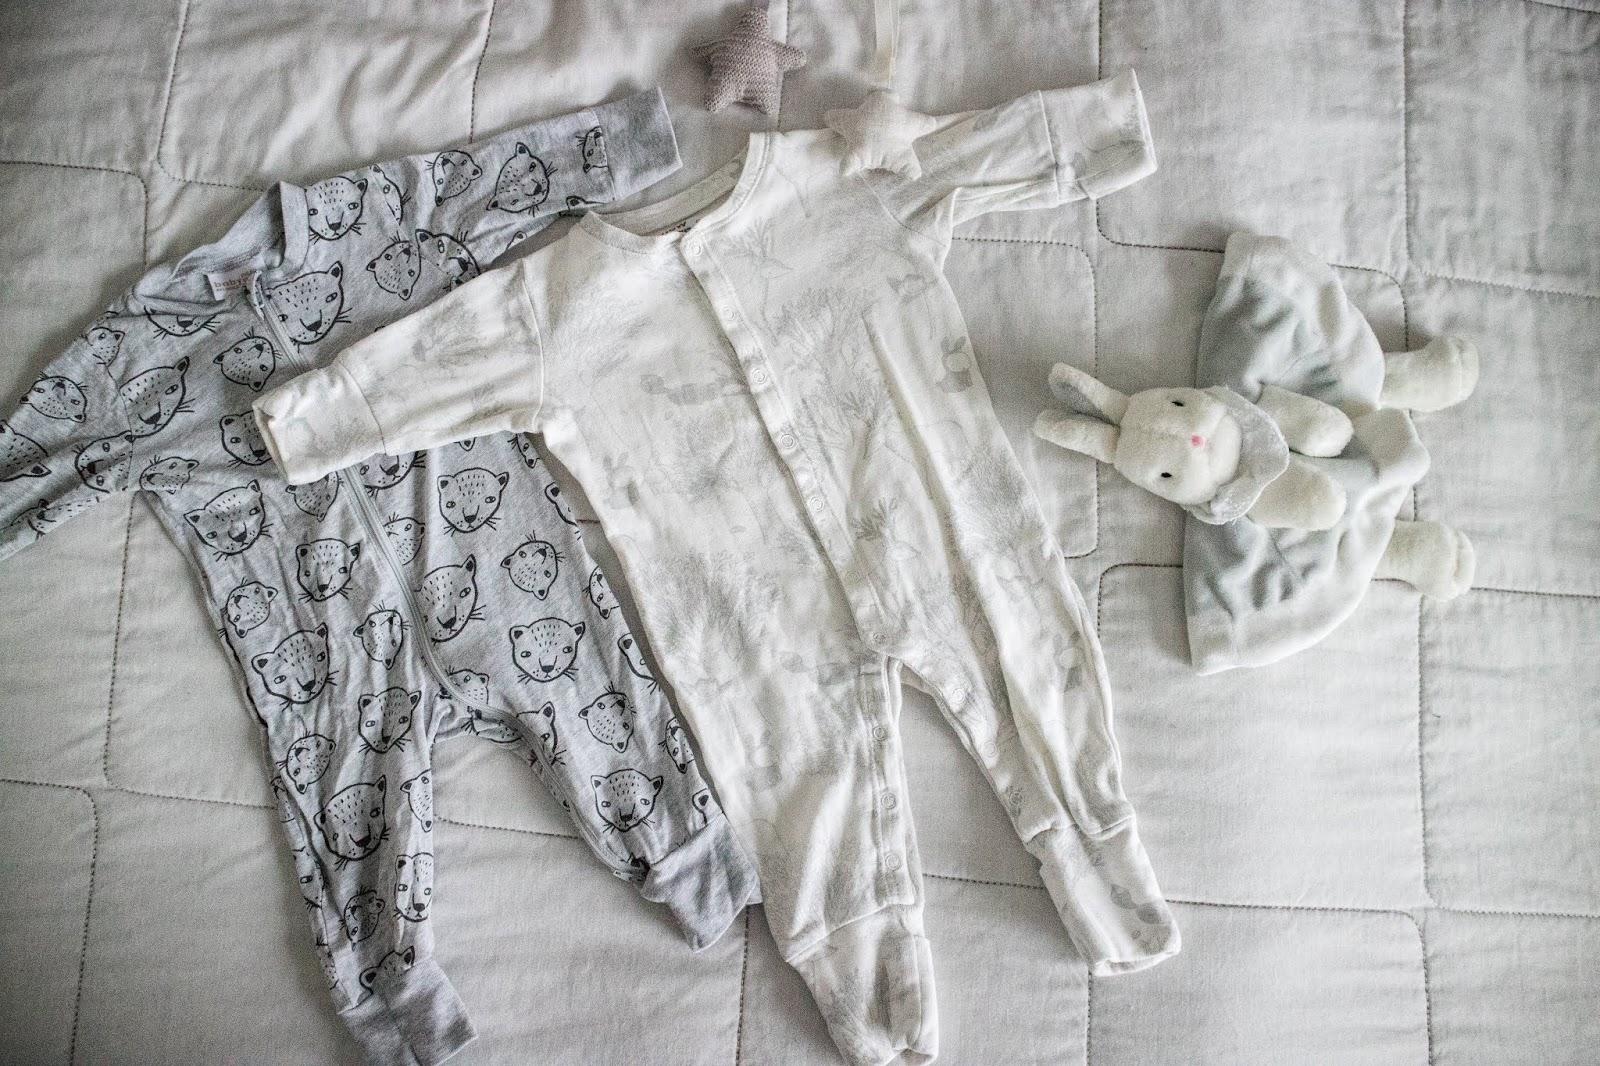 Hygieeninen suunnittelu: esimerkkinä vauvanruoan sekoittamiseen käytettävä sekoitin